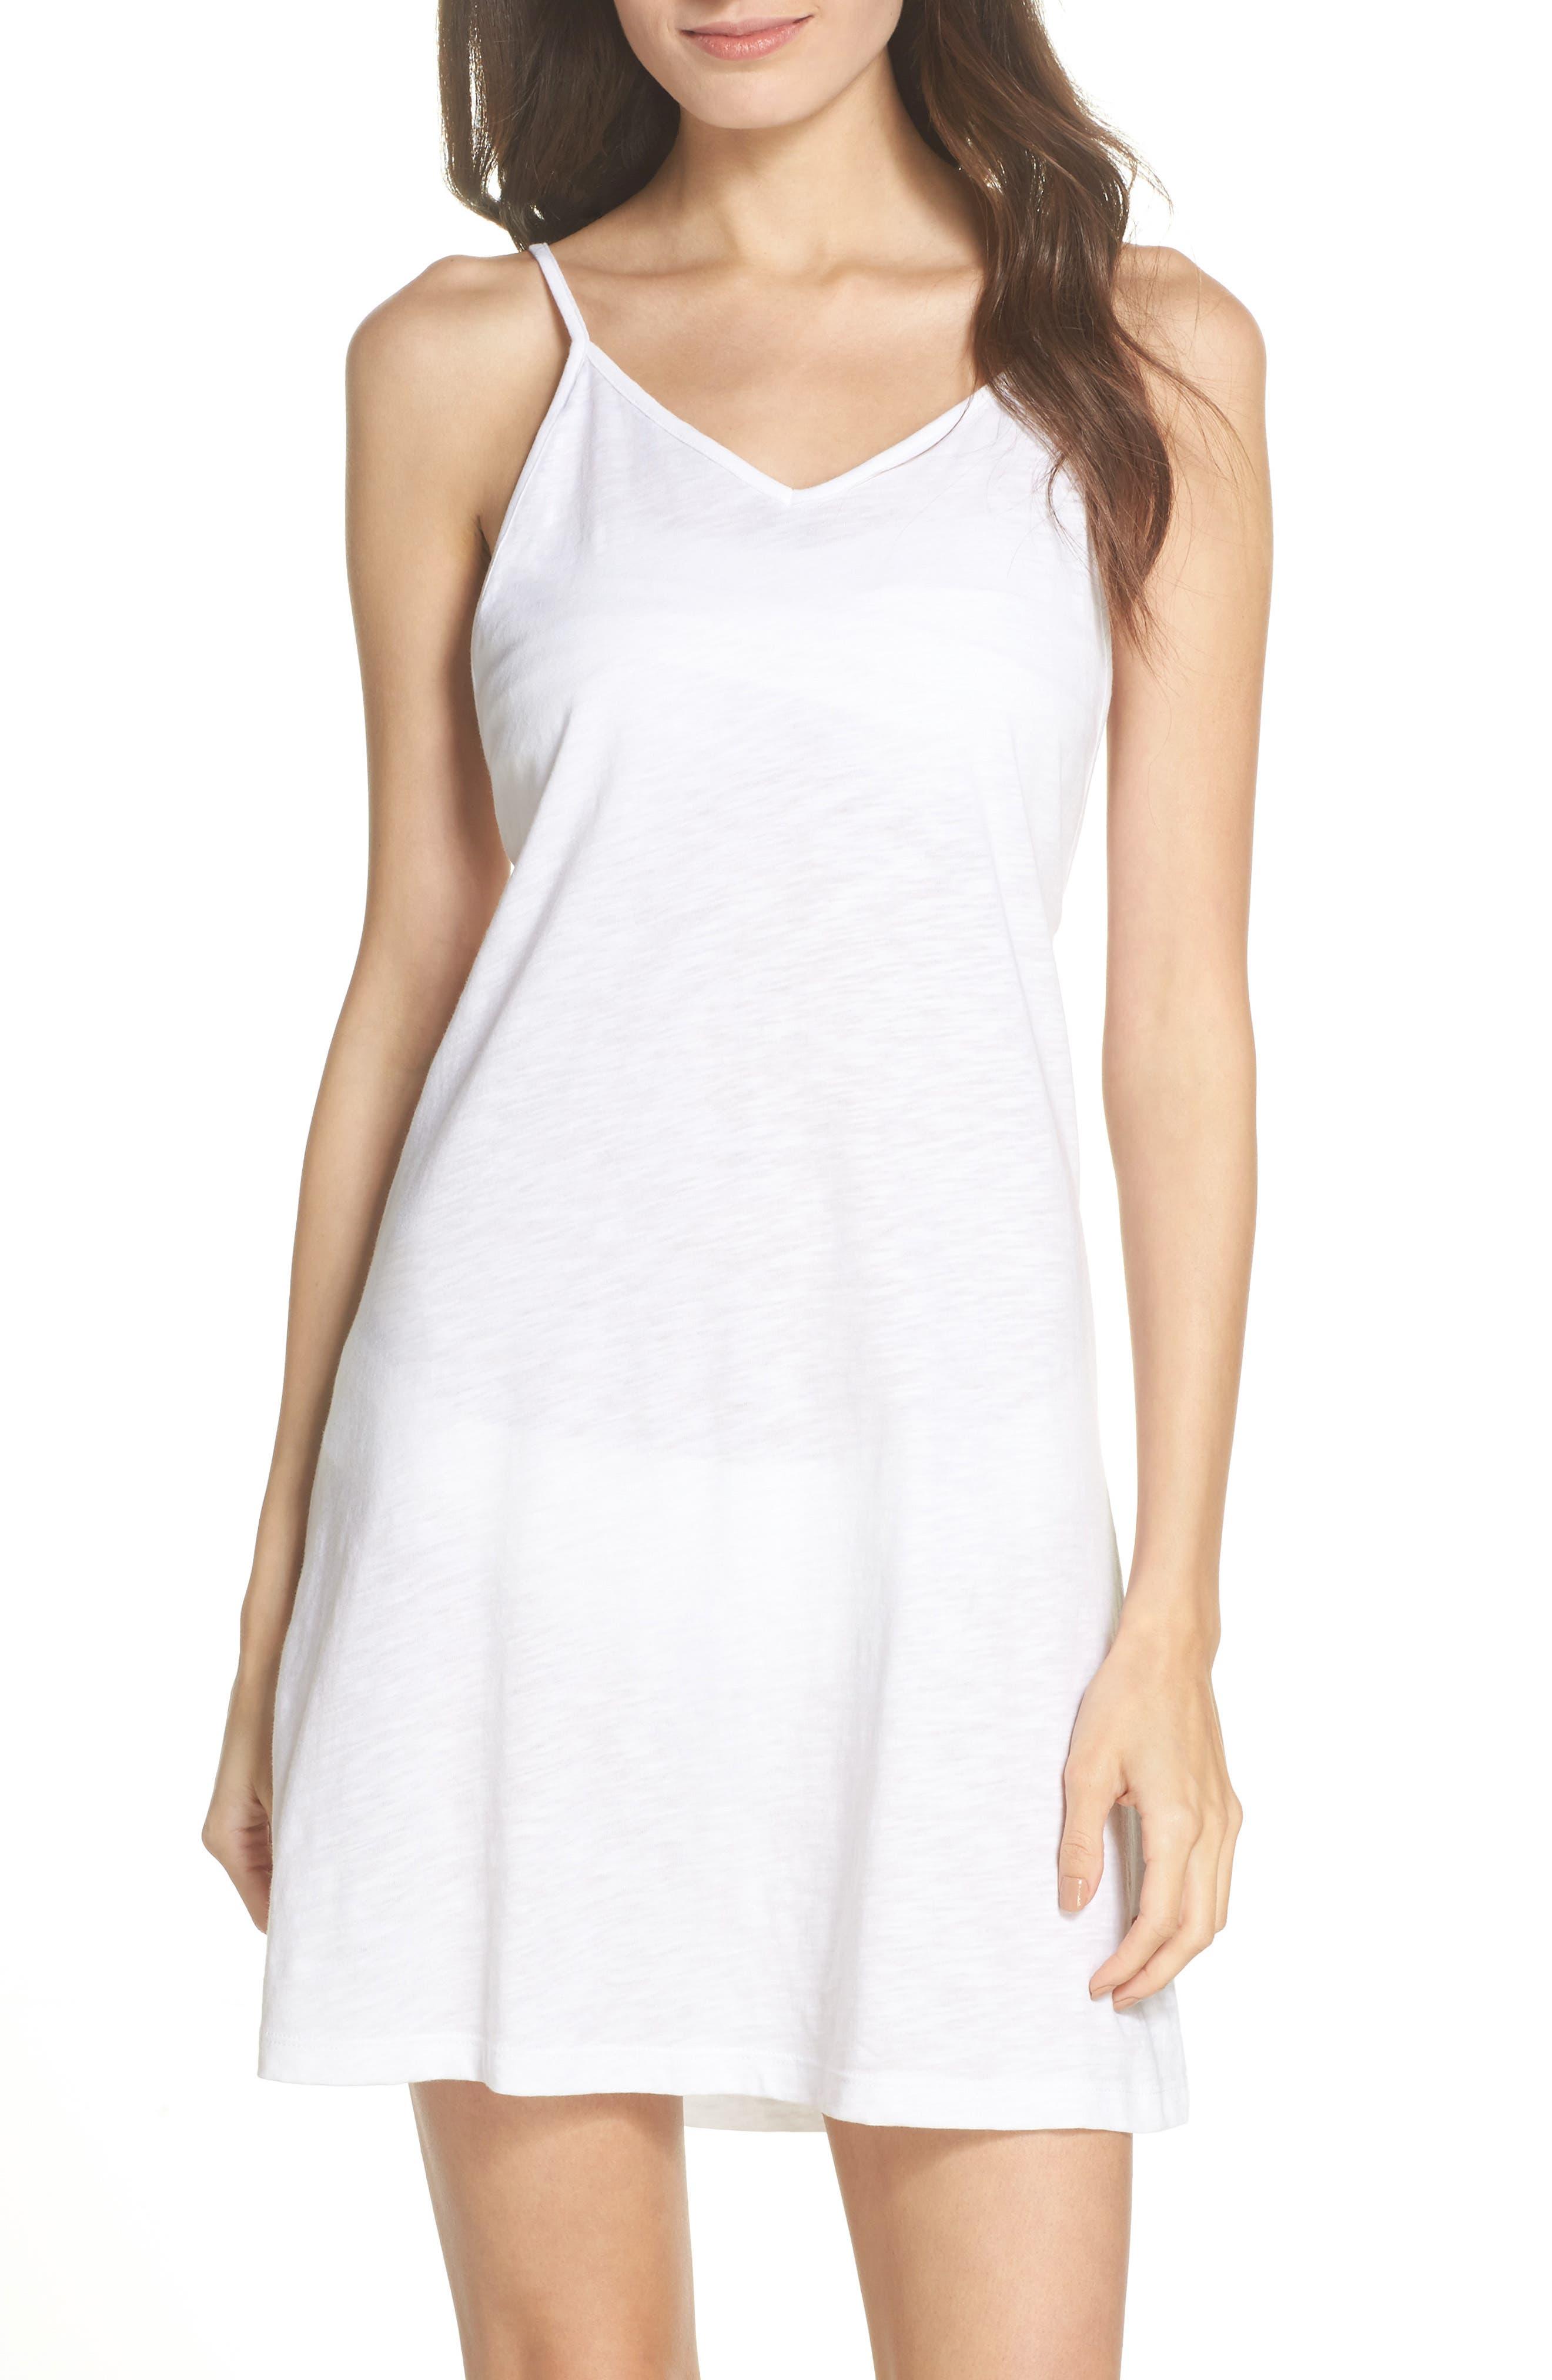 Main Image - PITUSA PomPom Cover-Up Dress